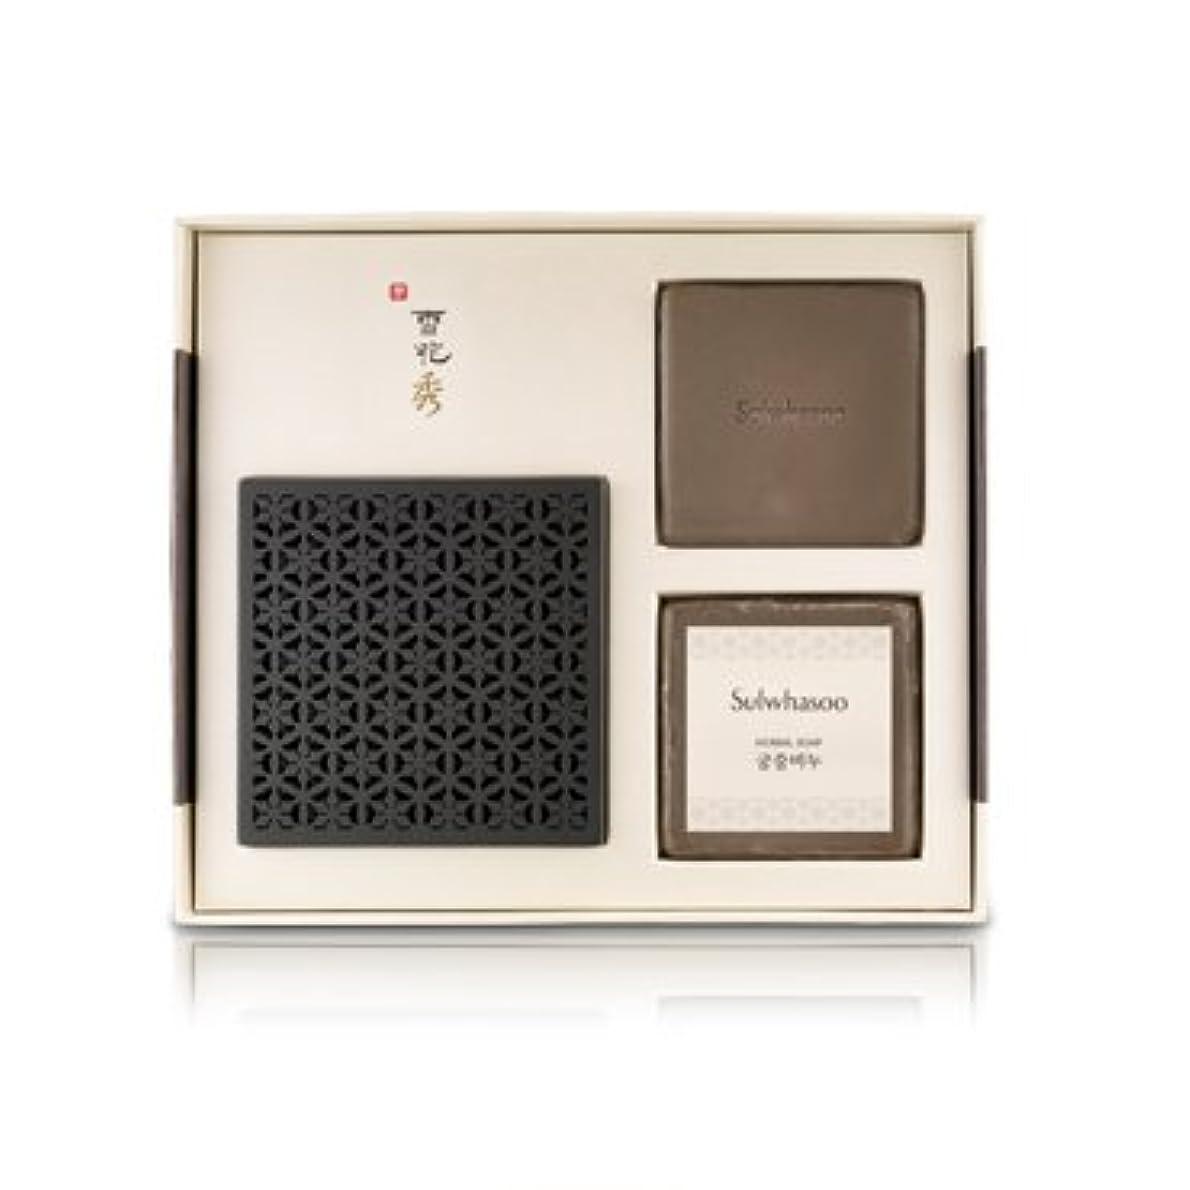 ファンタジー予見する識字雪花秀(ソルファス)韓方クレンジング石鹸[宮中石鹸(Herbal soap)]100g×2